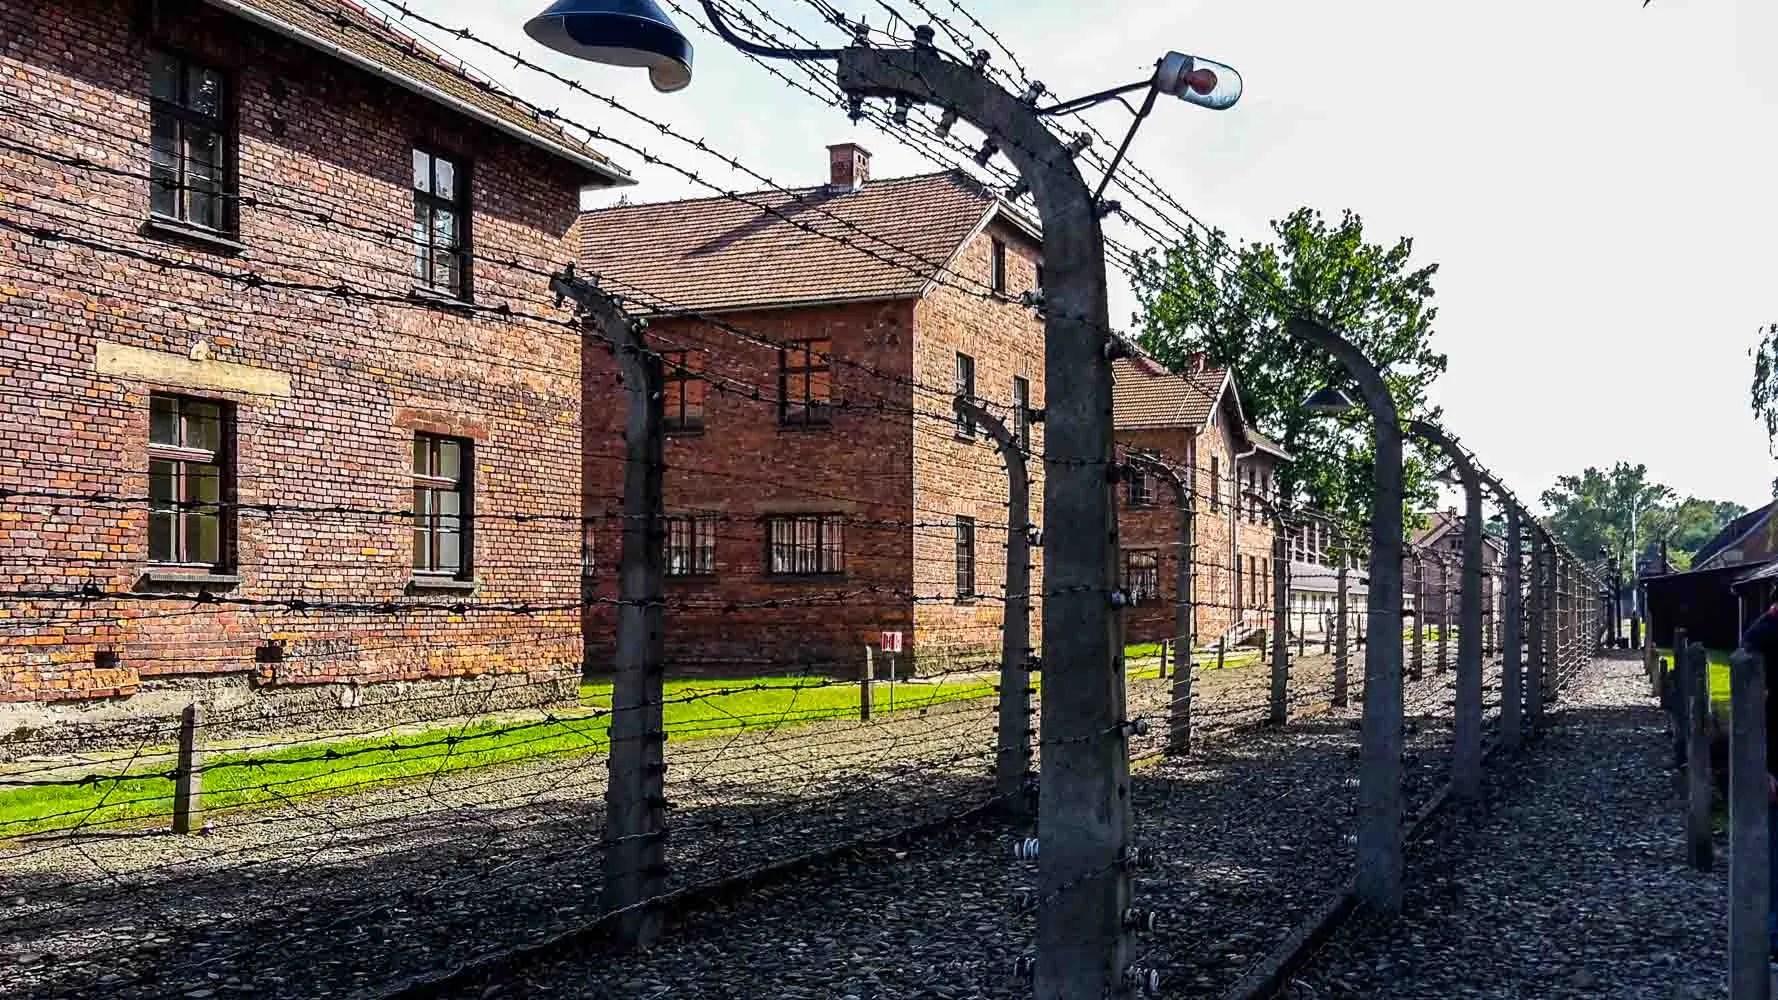 Aushwitz-Birkenau